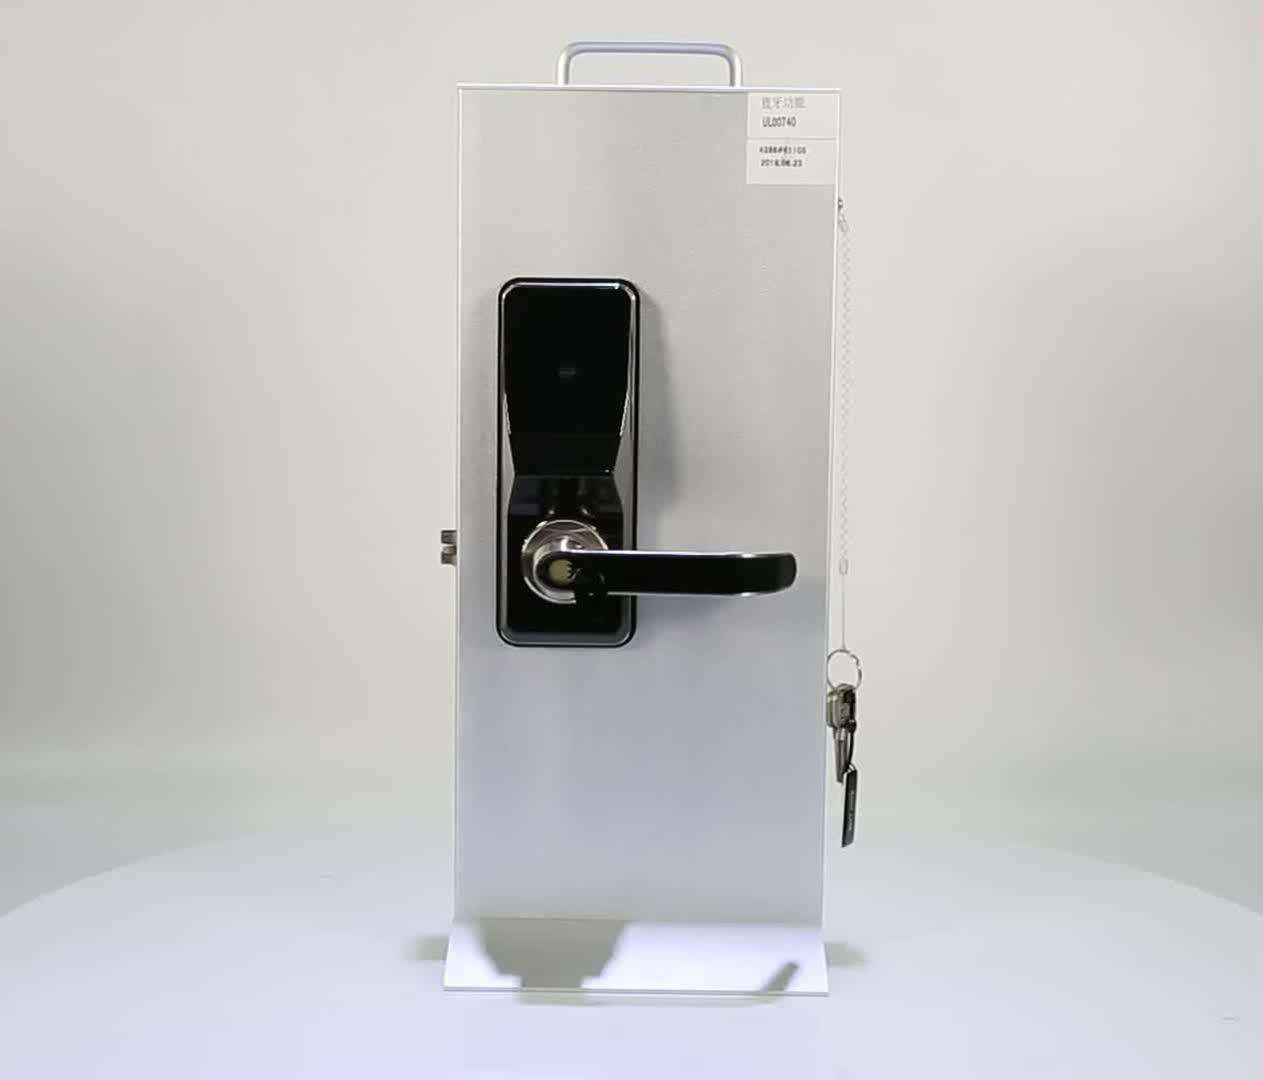 2017ใหม่ล่าสุดรุ่นรหัสPinประตูล็อคด้วยกุญแจฟังก์ชั่น